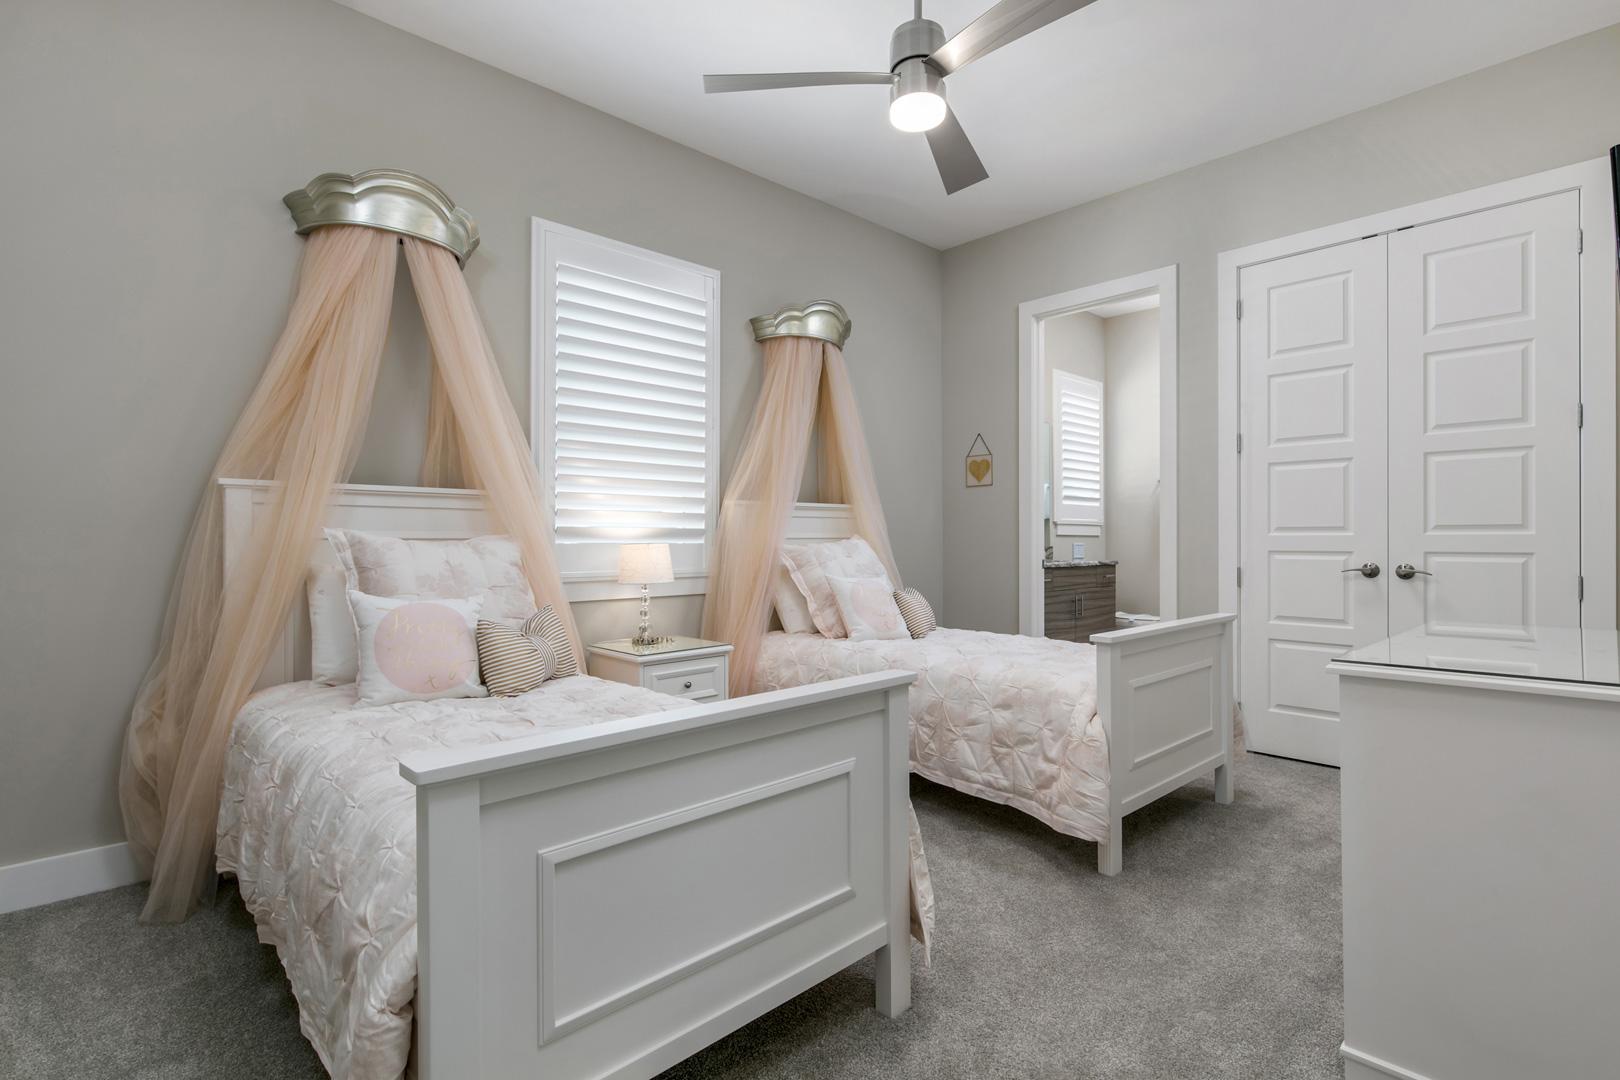 Bedrooms13